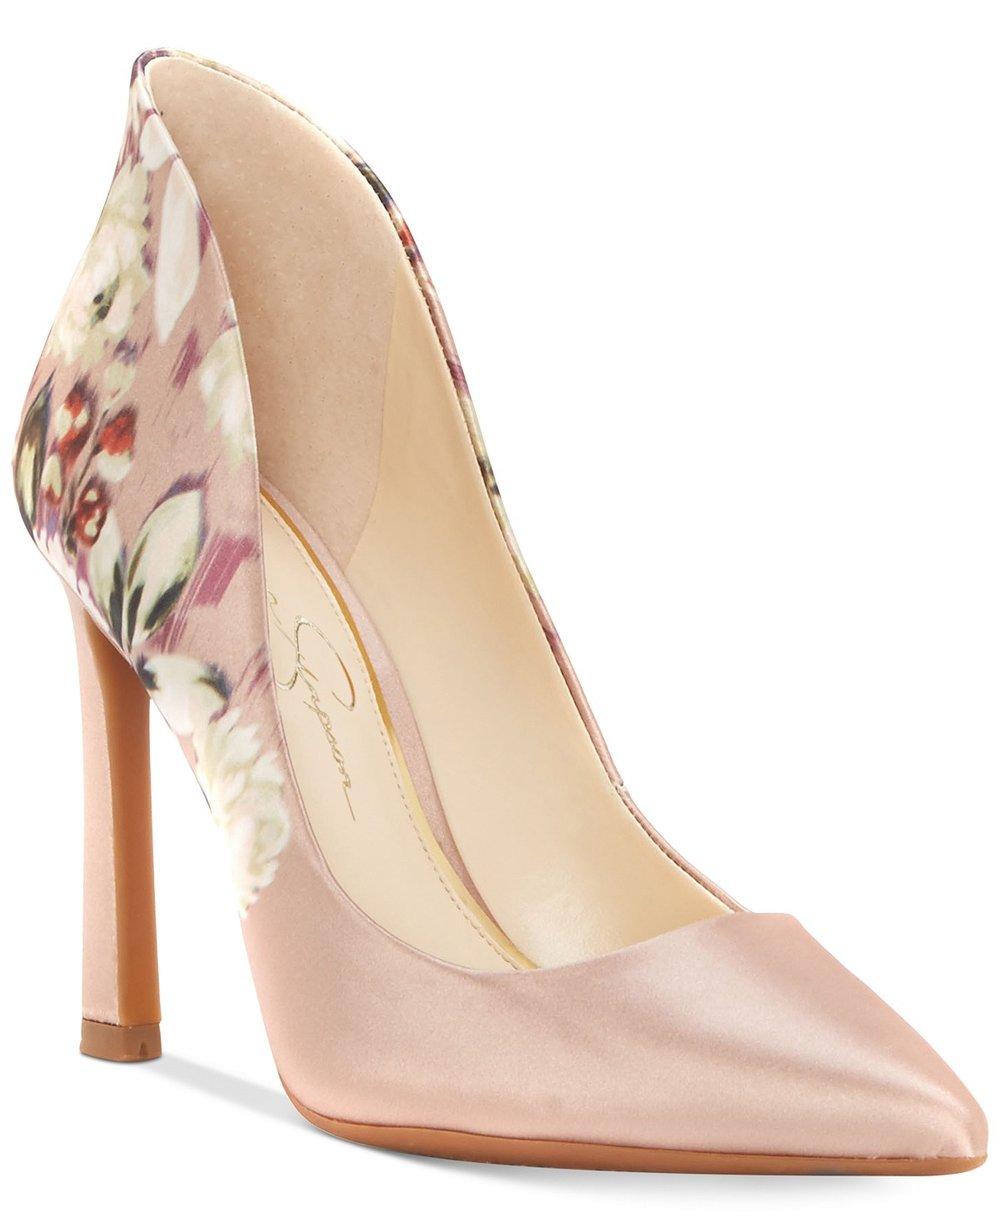 Jessica Simpson - Parma Detail Dress Pumps